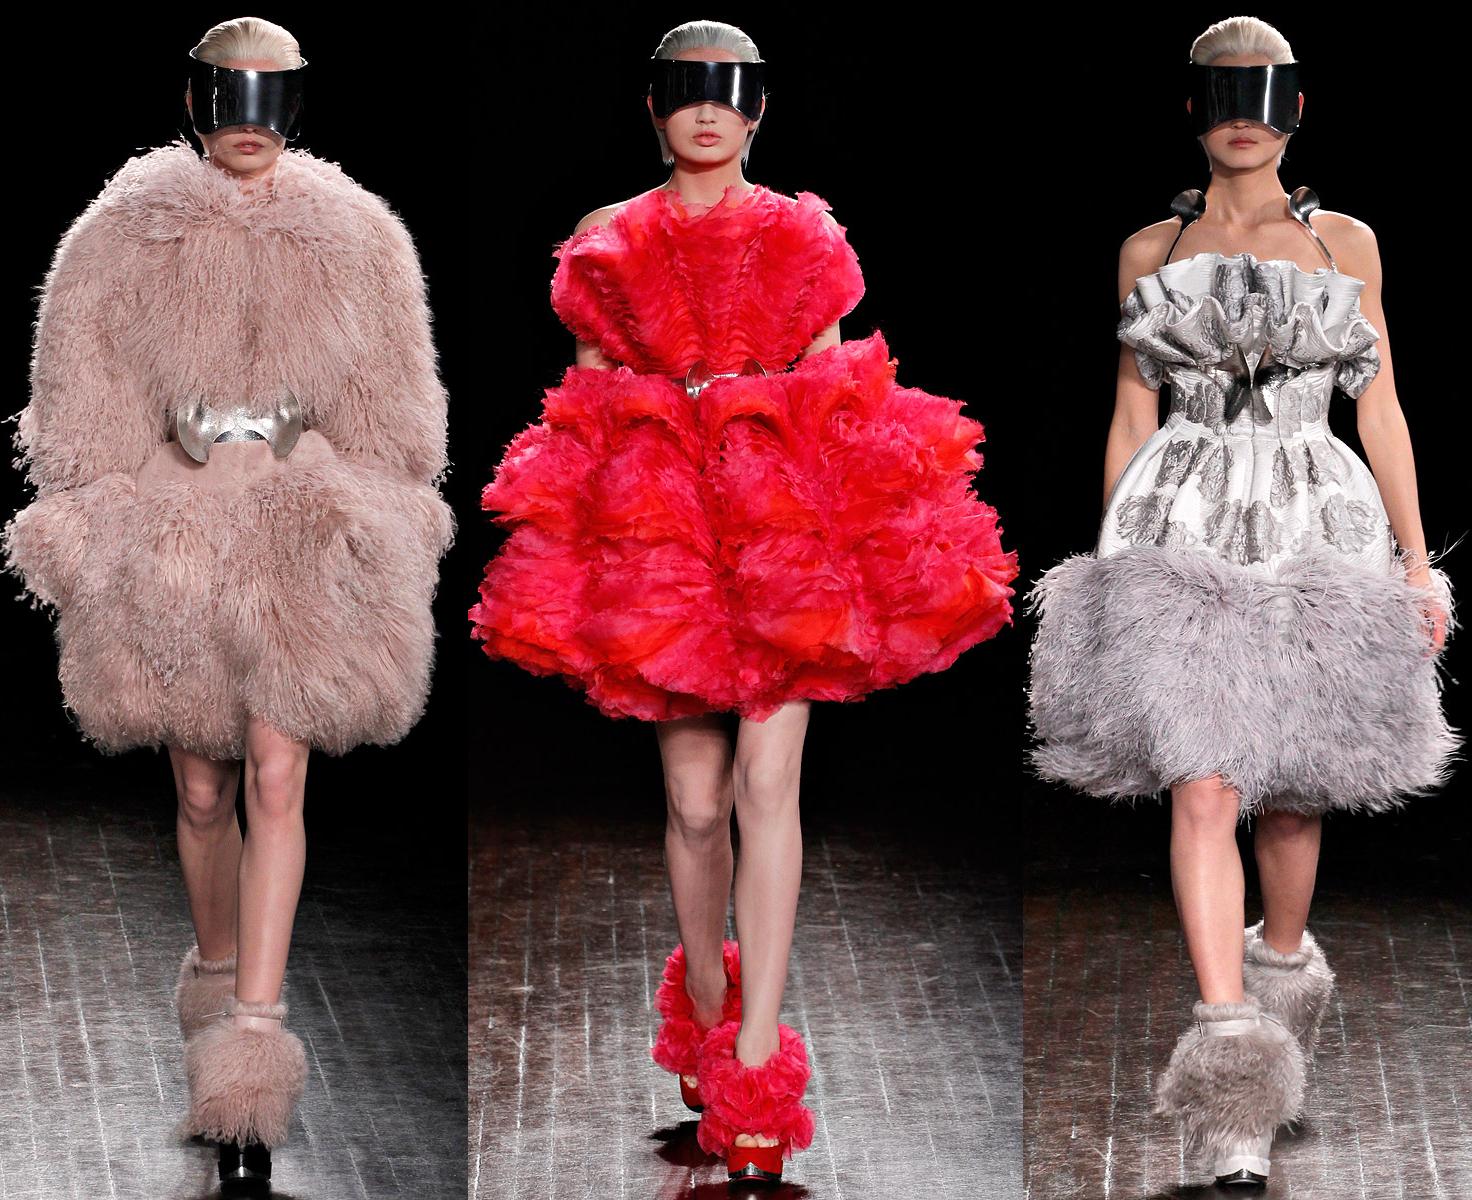 http://2.bp.blogspot.com/-M4zQbvvD6i4/T2VFzgq9uTI/AAAAAAAAHS8/yeMhWjuNAIg/s1600/alexander+mcqueen+cocktail+dresses+fall+winter+2012.jpg